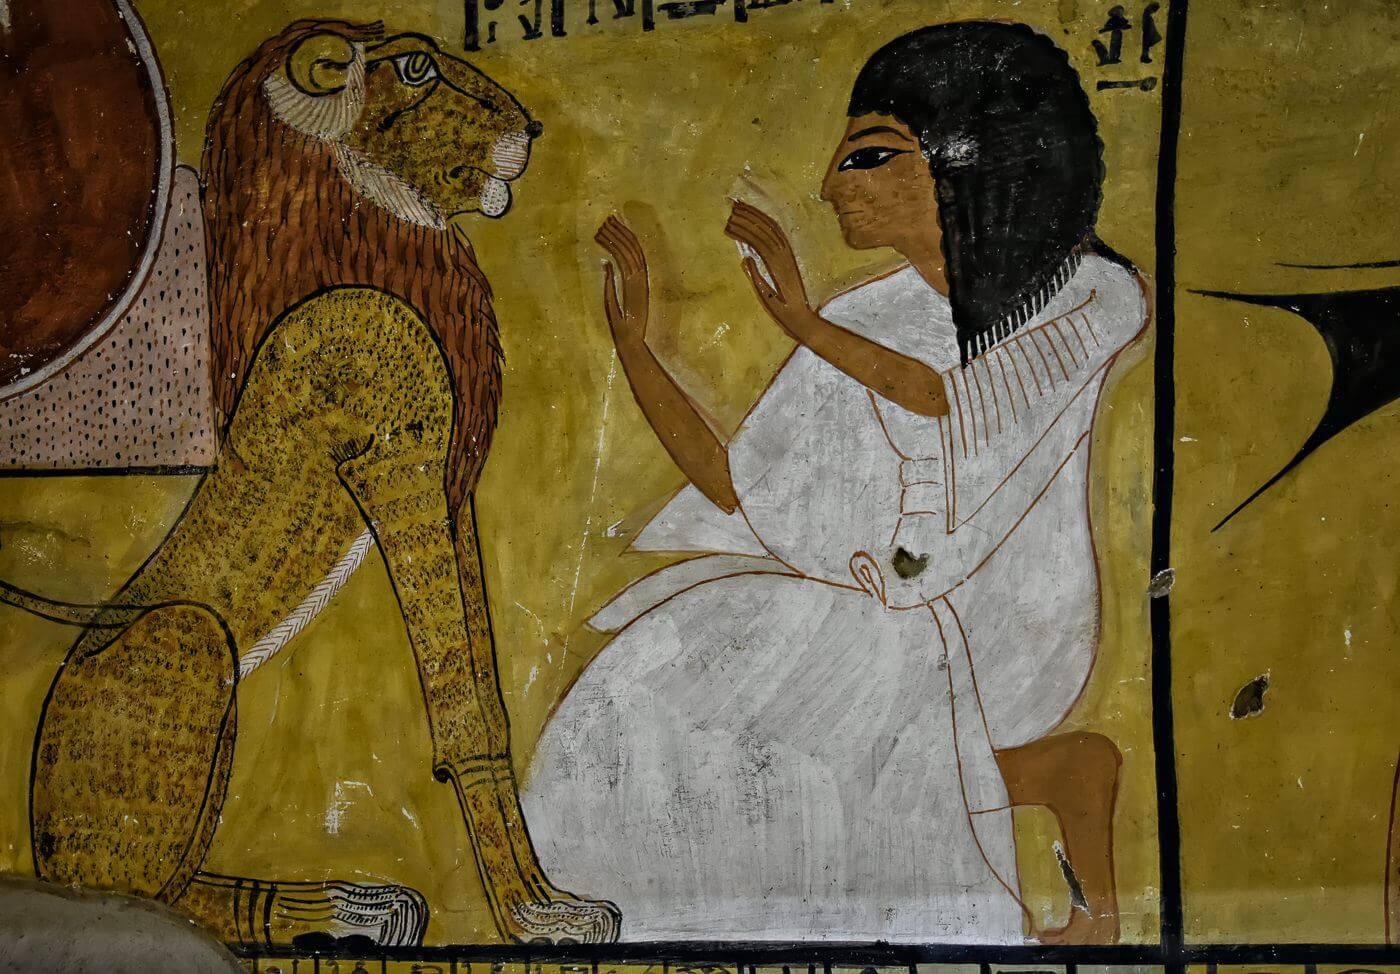 Tomb at Deir el Medina, Luxor, Egypt - Photo by Zdenek Sindelar of CuriousZed Photography